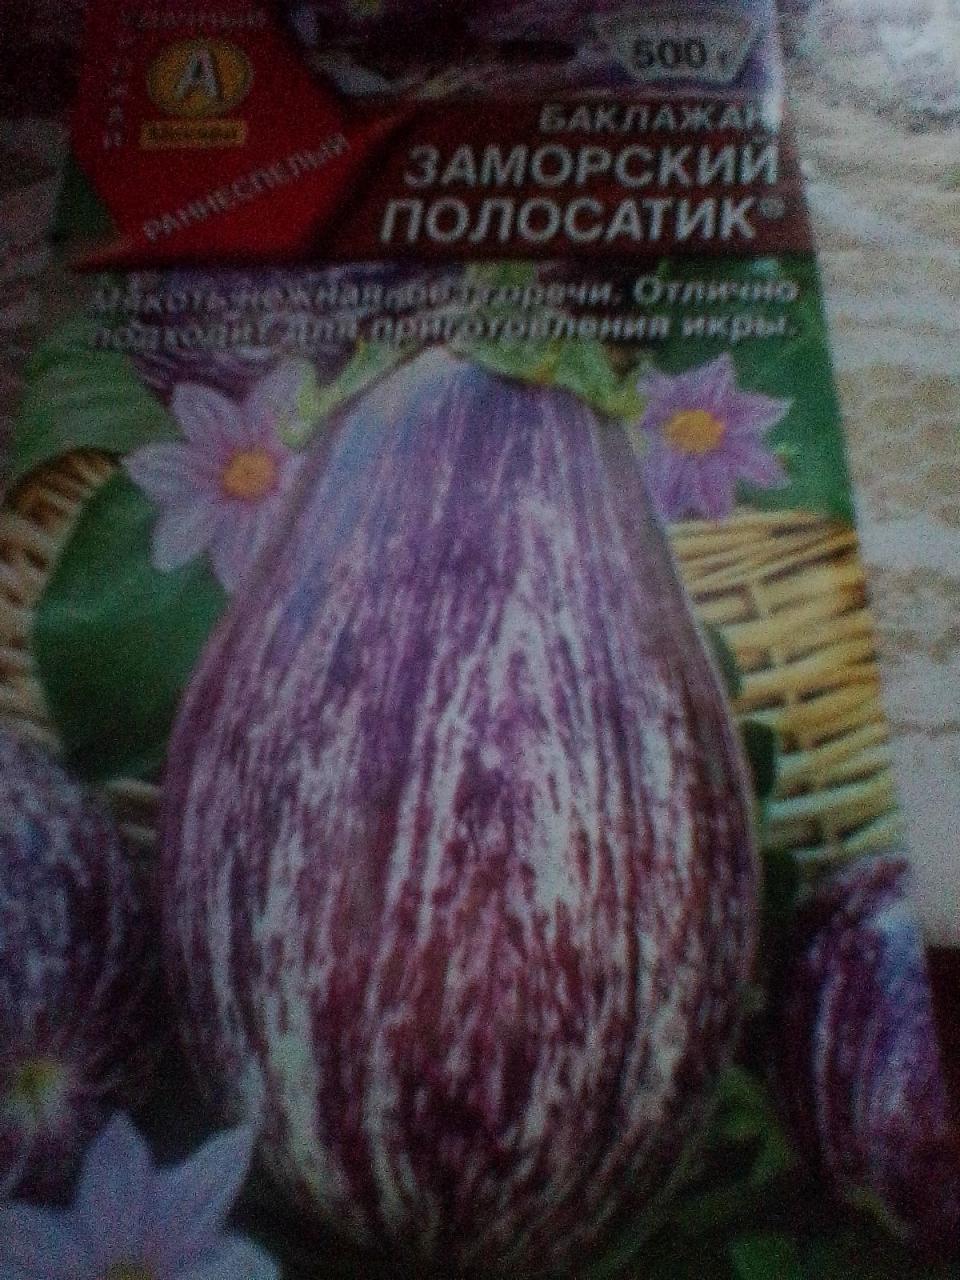 """Отзыв на товар: Семена Баклажан """"Заморский полосатик"""" (стандарт). Аэлита. Вид 1 от 1617036569"""